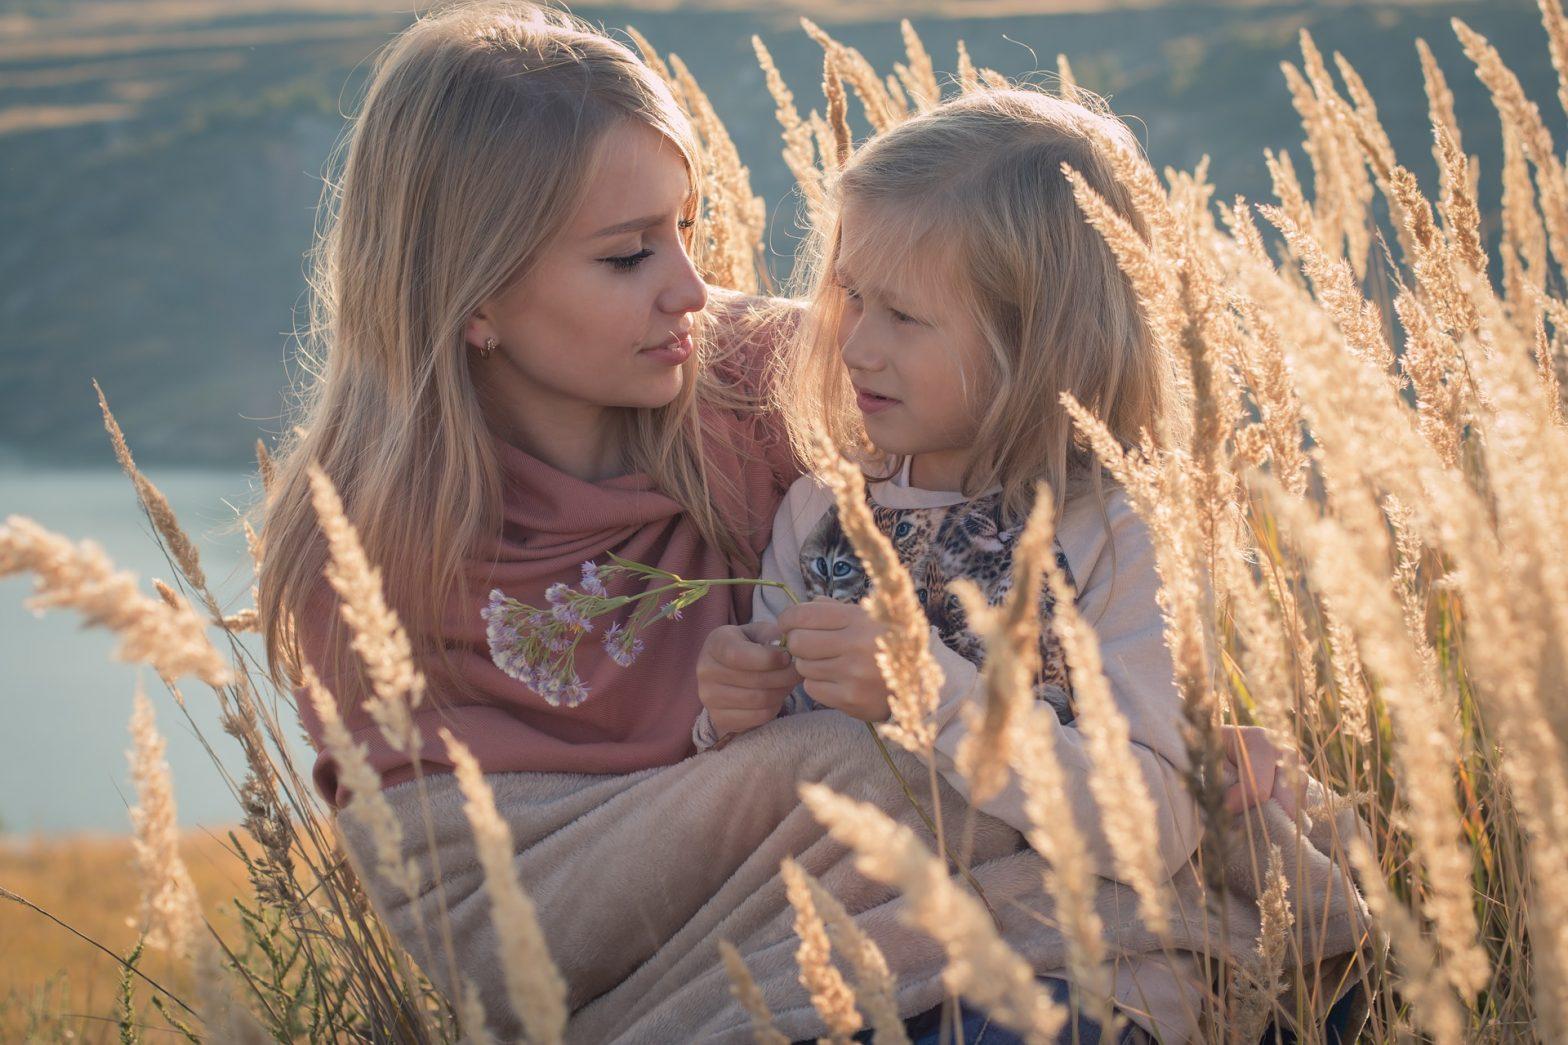 rodzina, matka, dziecko, dziewczynka, łąka, jezioro